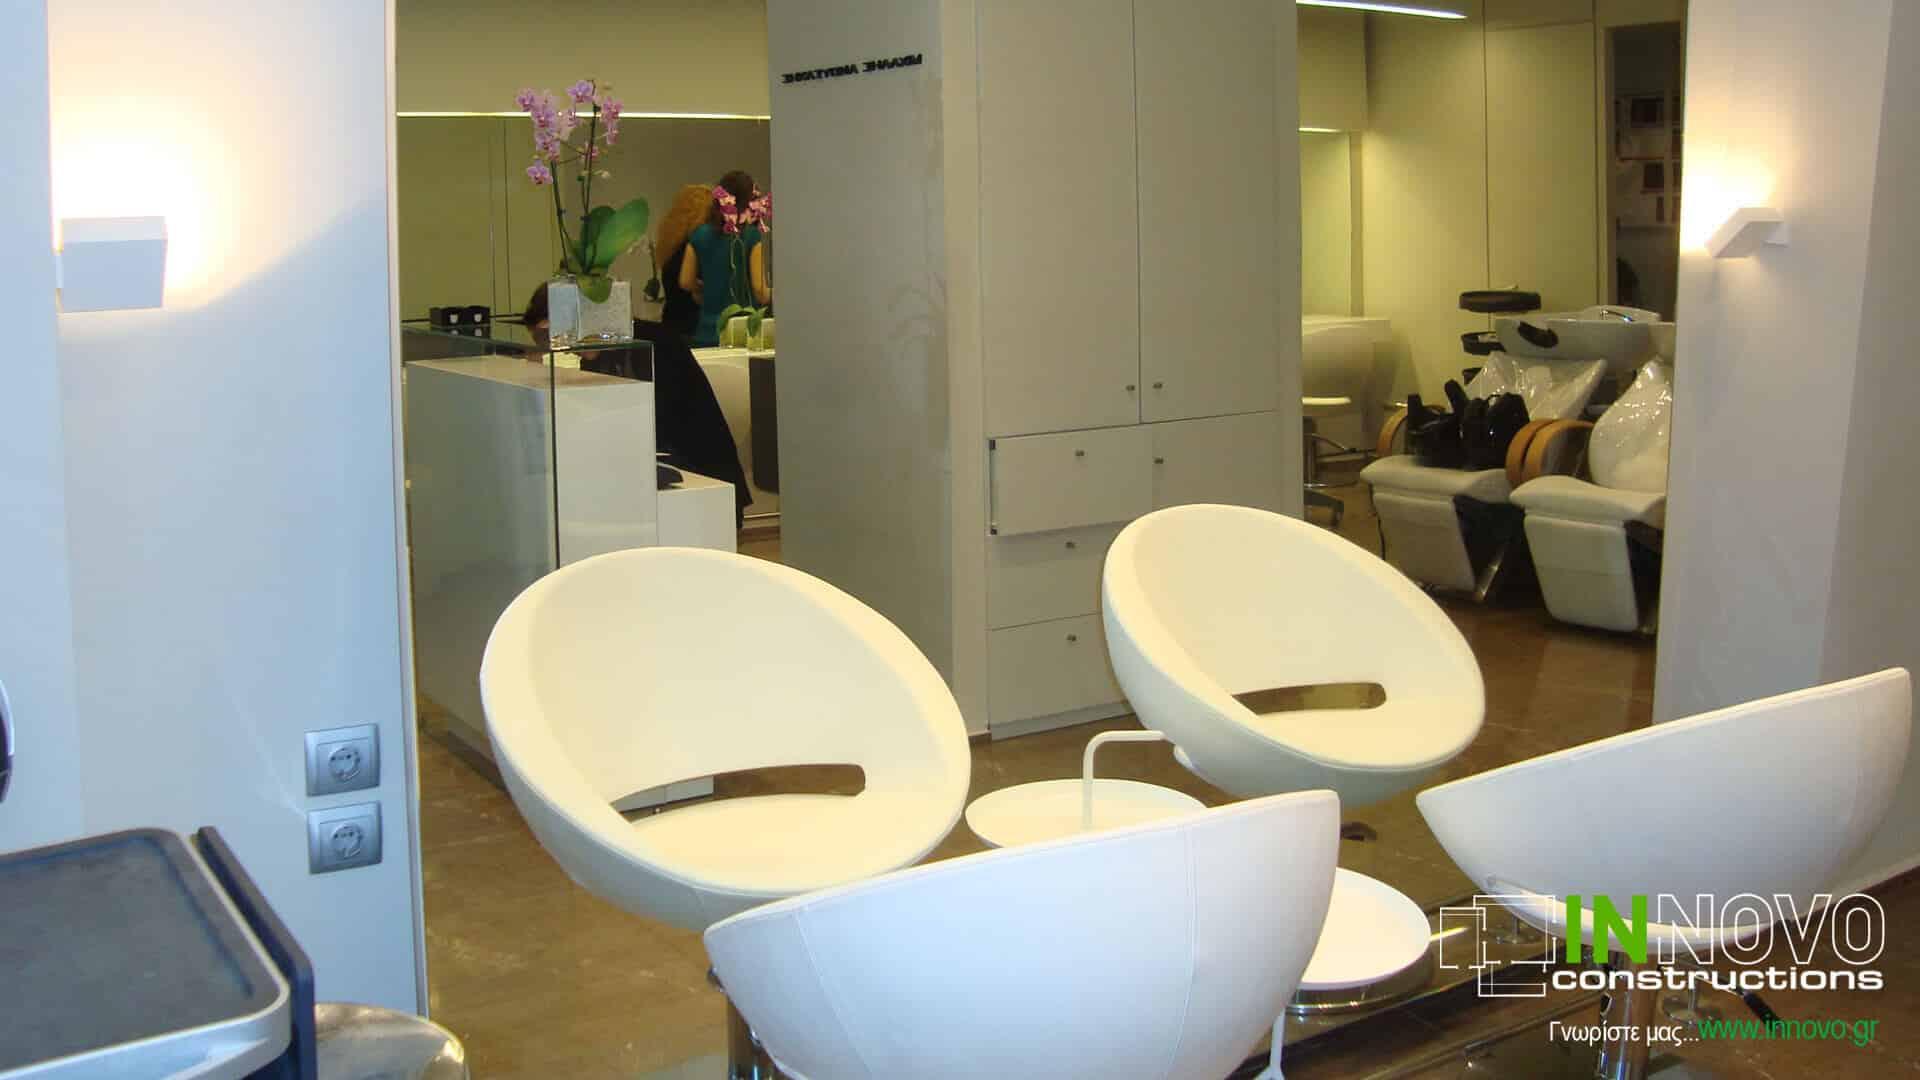 kataskevi-kommotiriou-hairdressers-construction-kommotirio-papageorgiou-1020-6